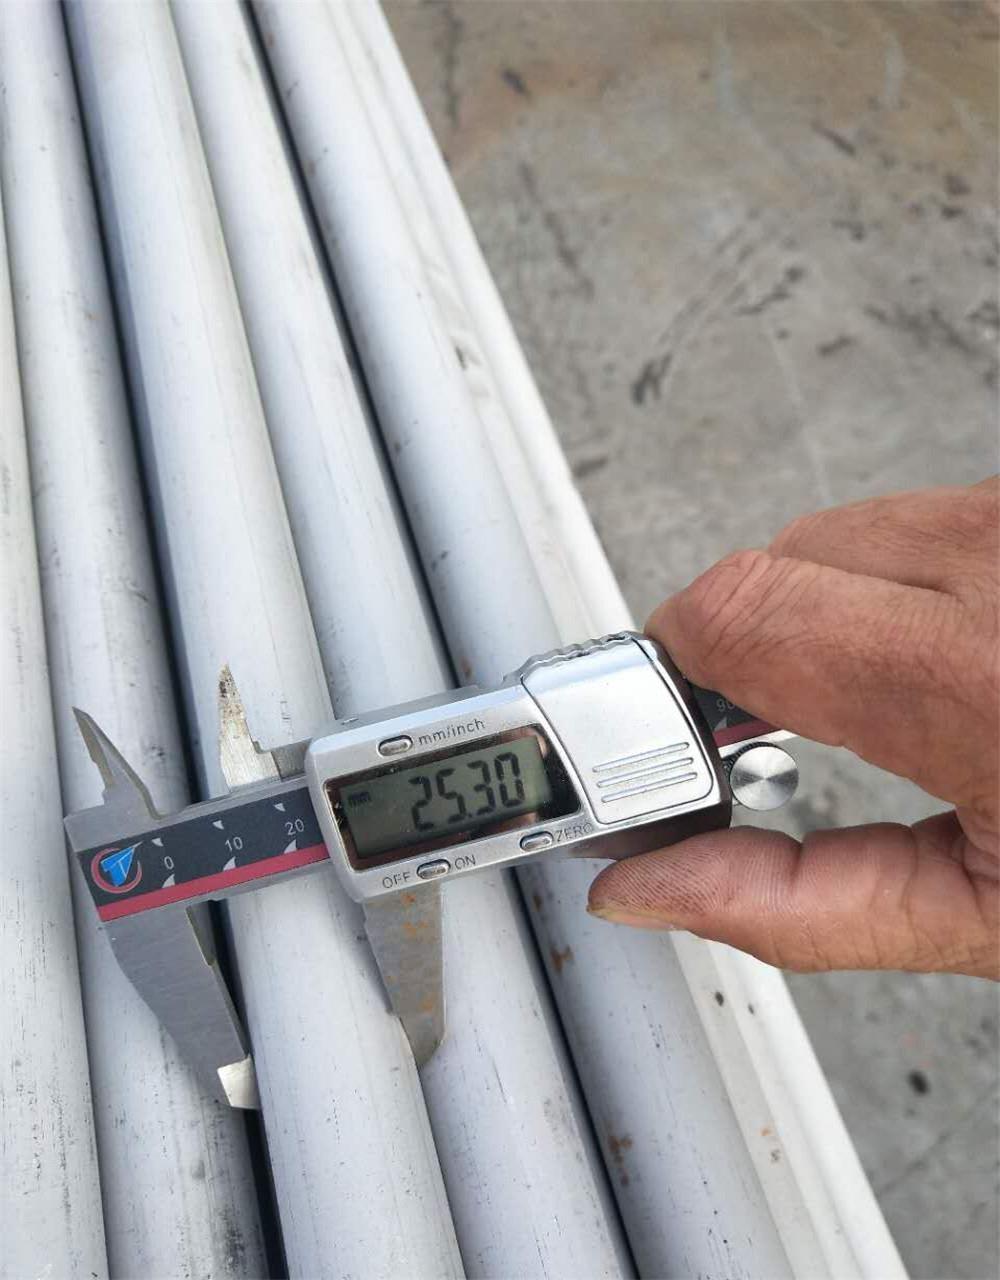 1j79 steel  ERW welded pipe